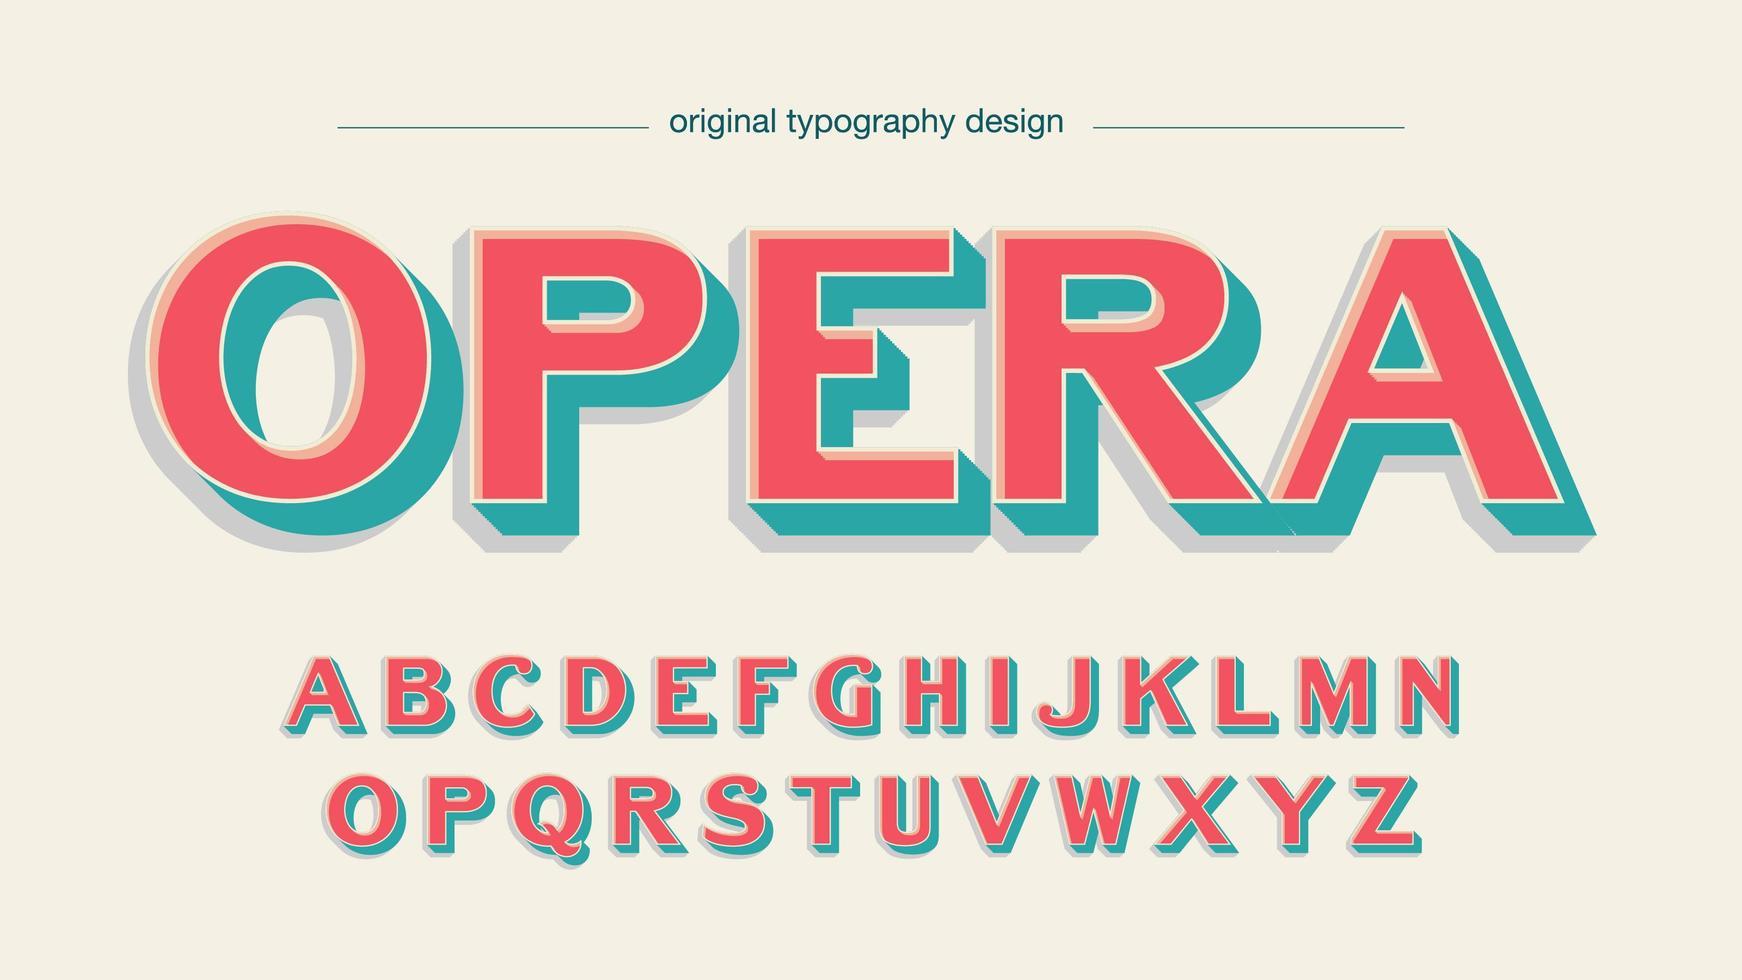 vintage pastell röd och grön dekoration alfabetet vektor